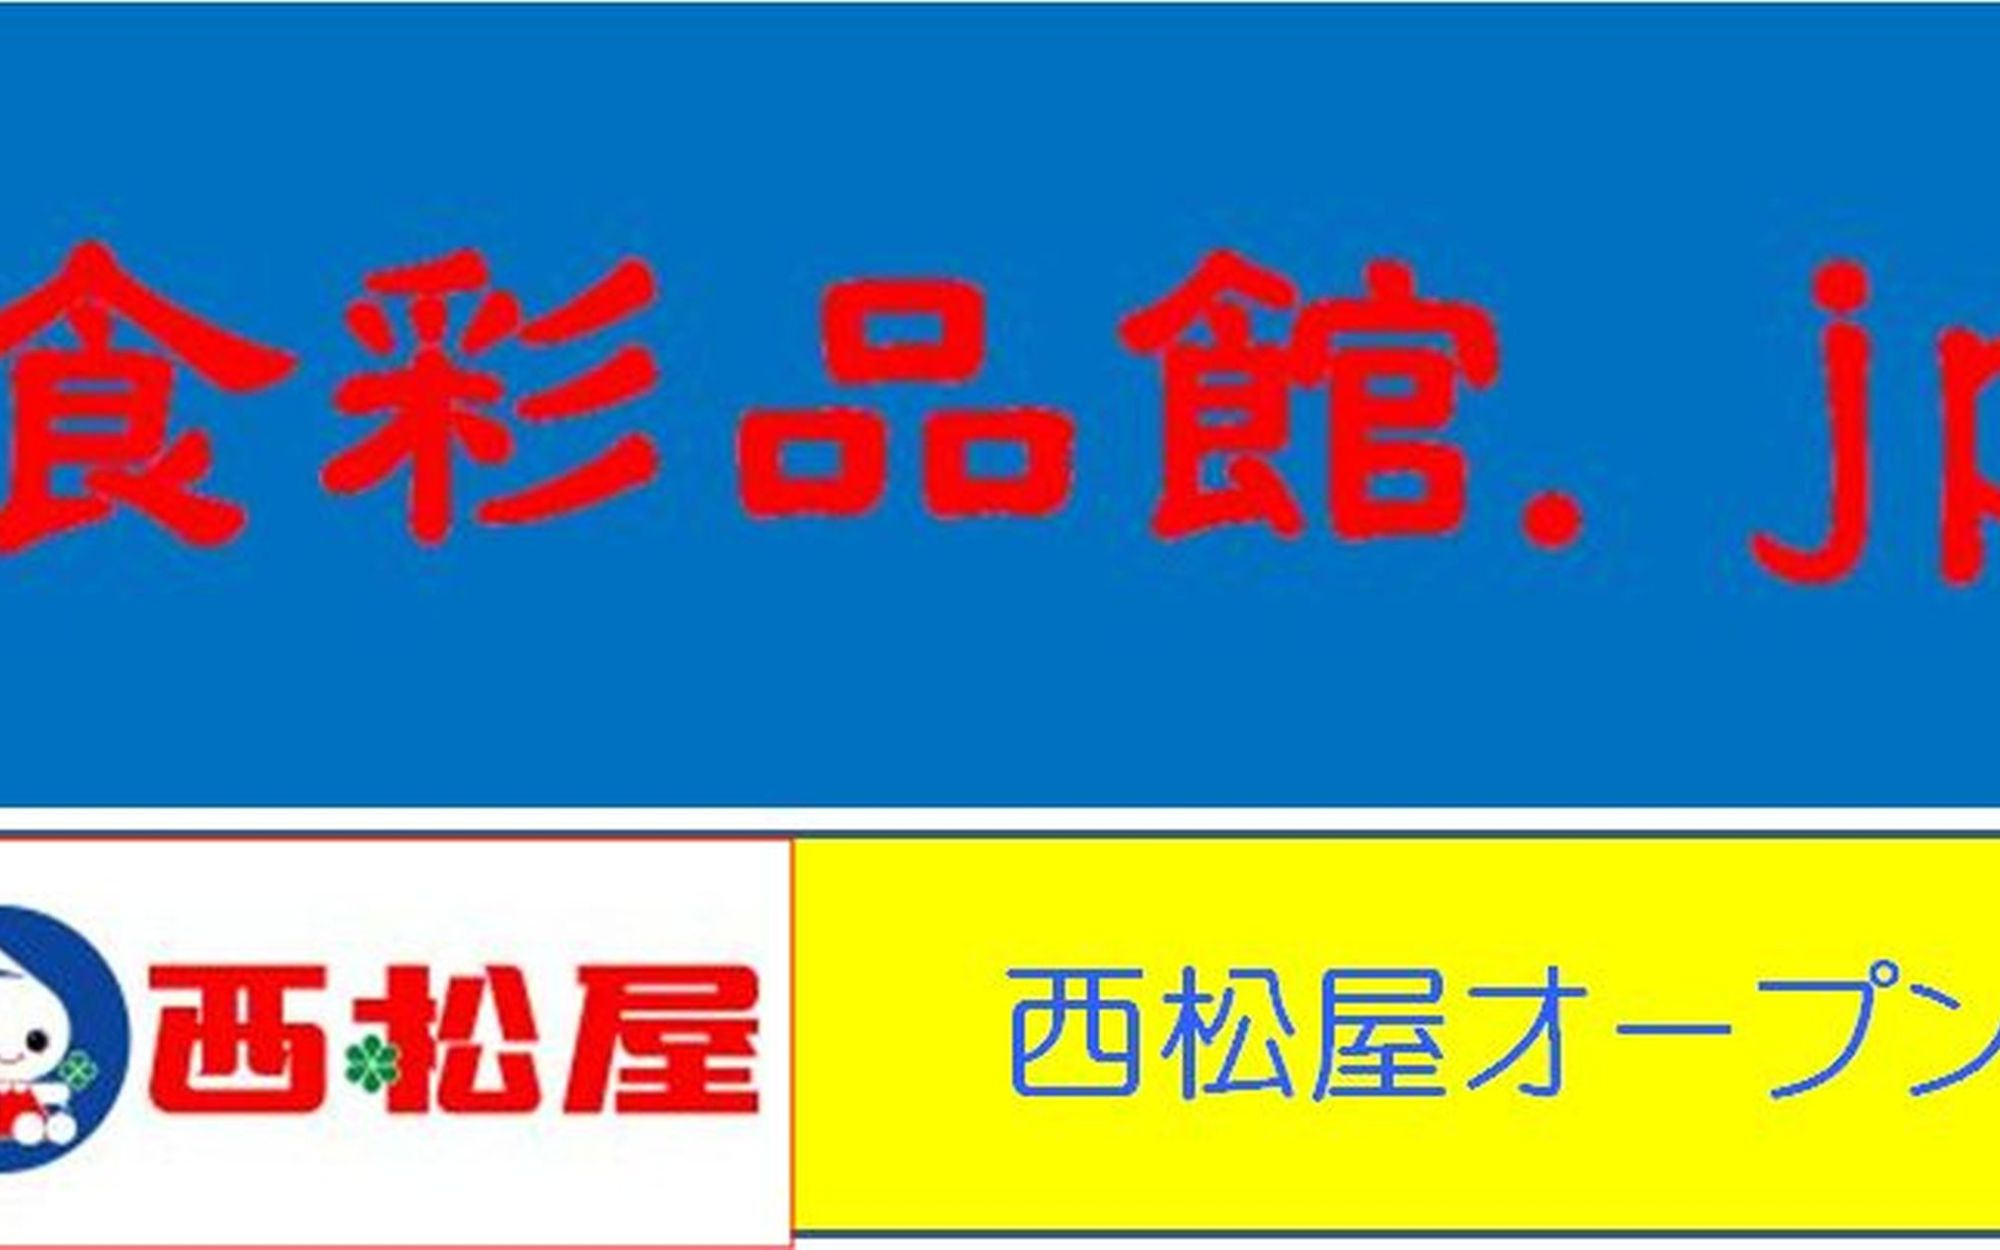 西松屋リノアス八尾店(大阪府八尾市)2020年4月24日オープン